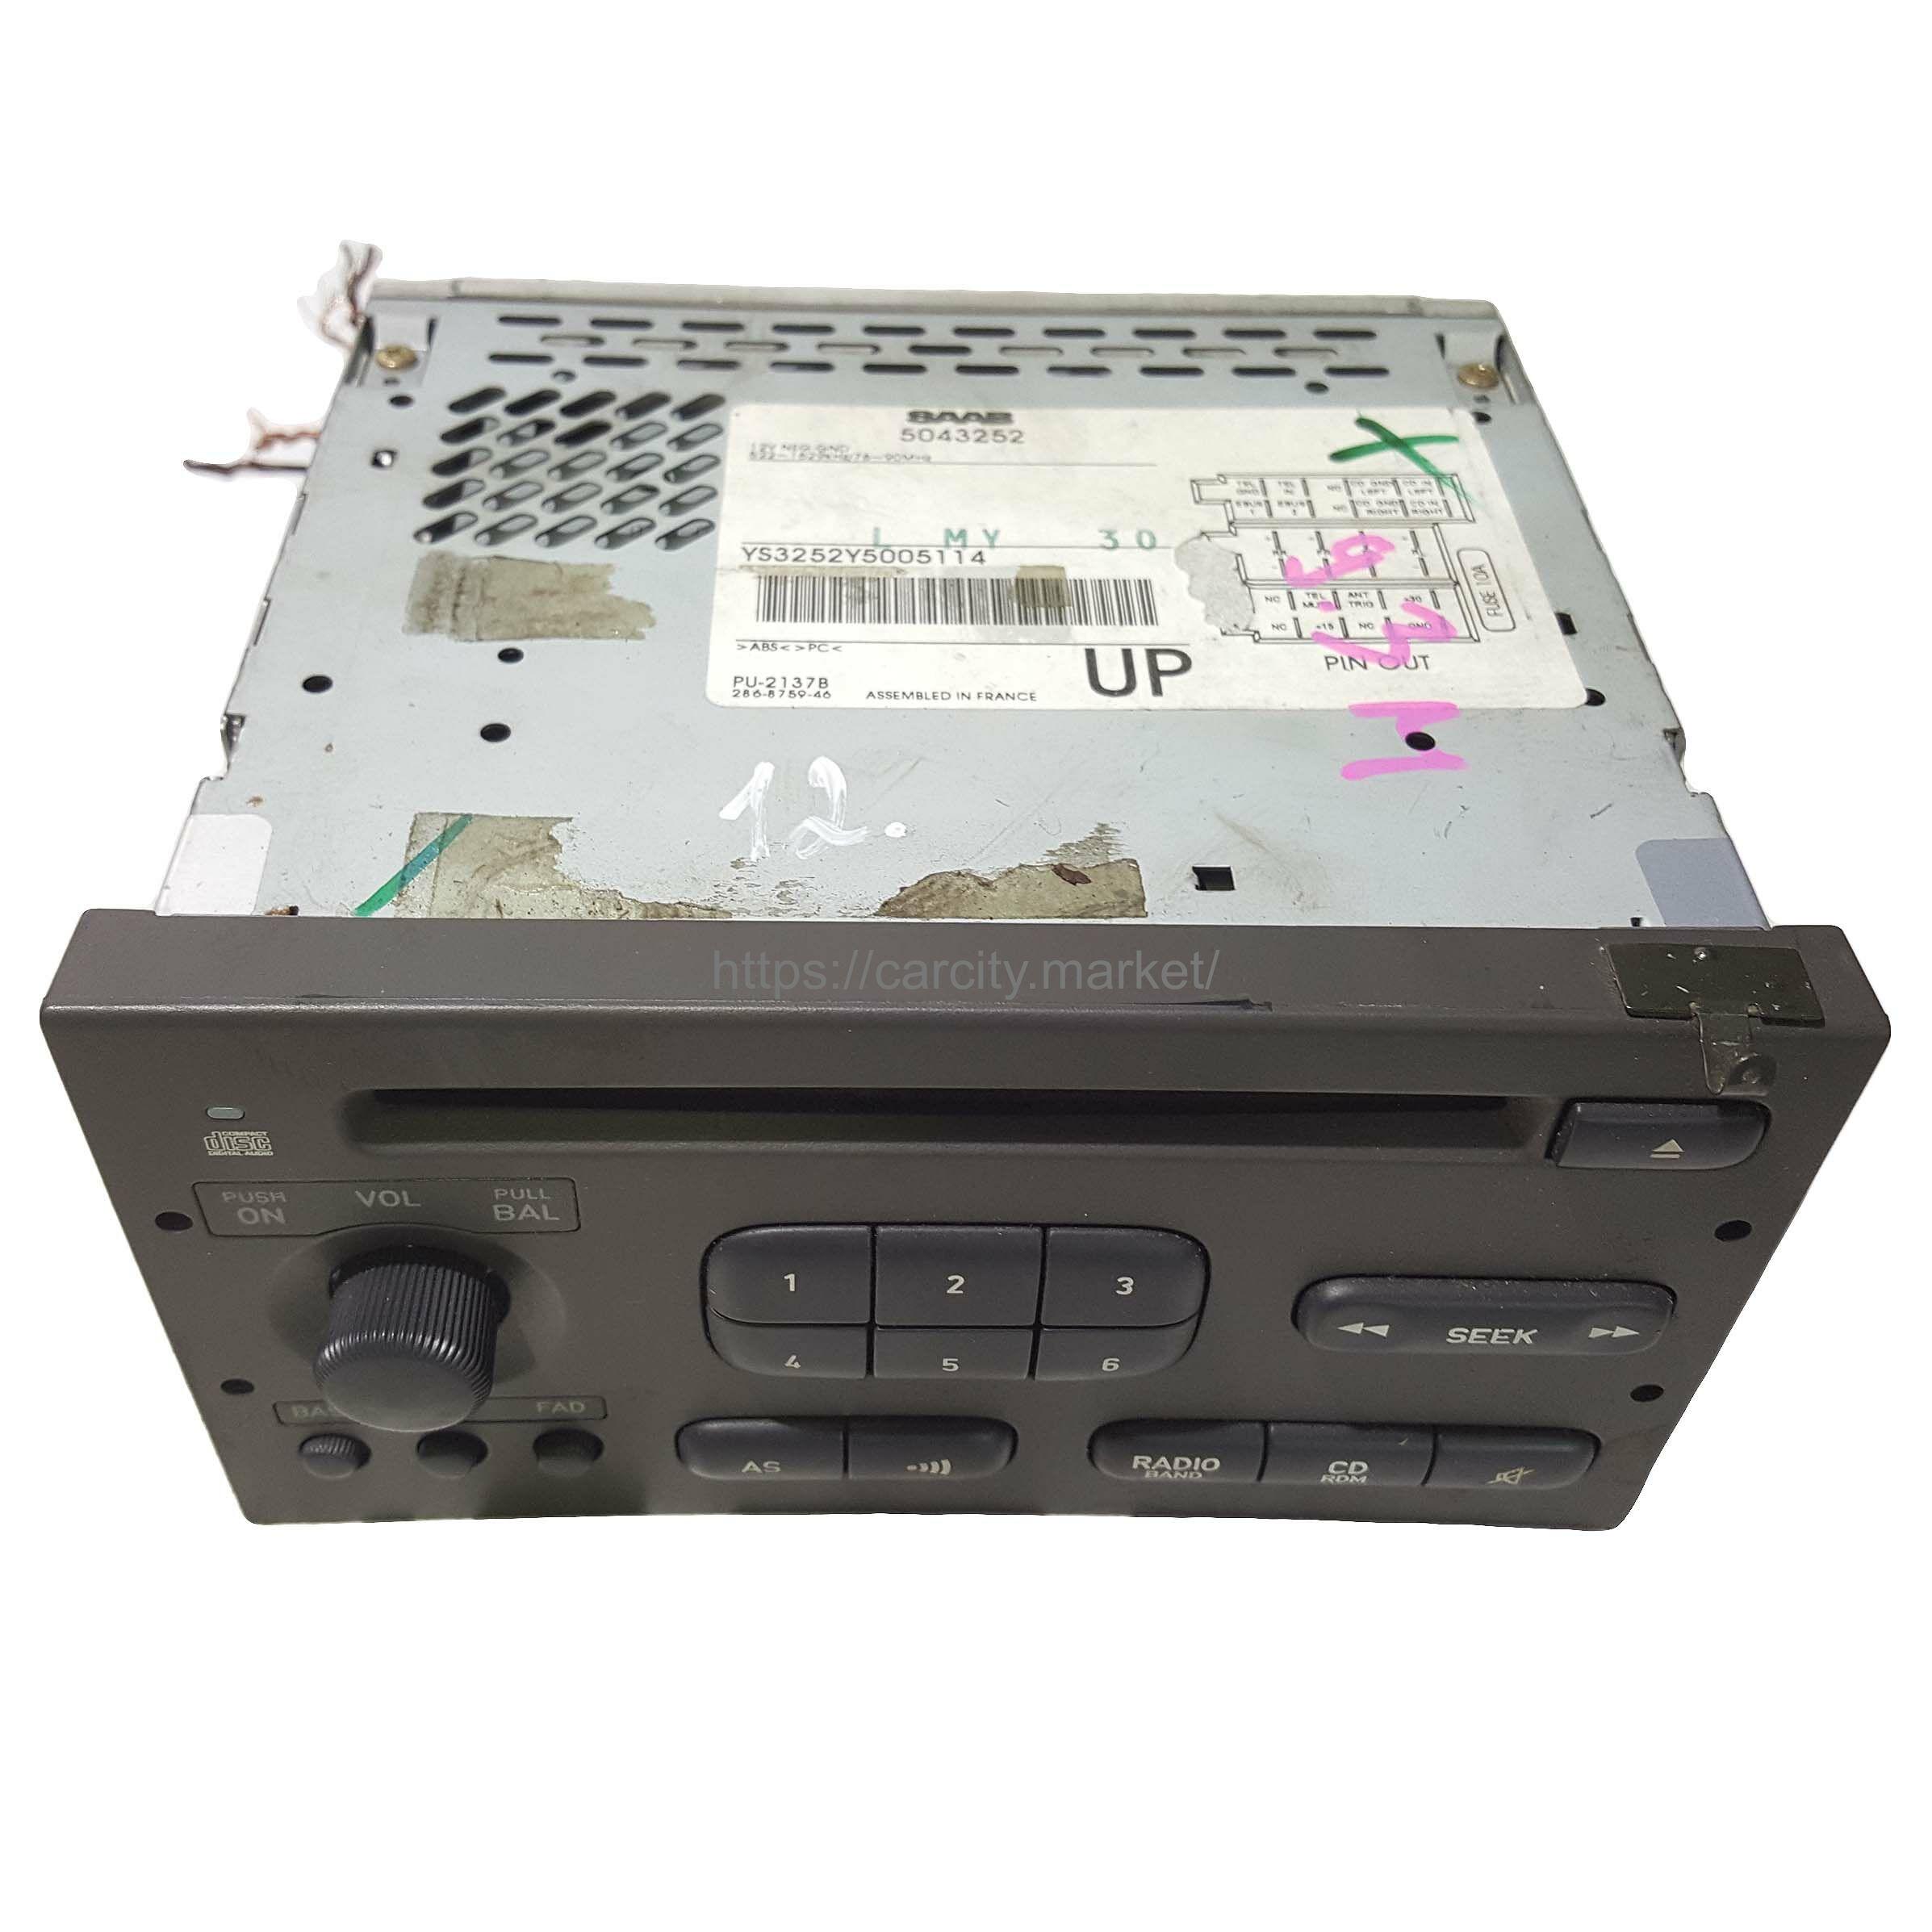 Радио с CD SAAB 9-3 1998-2003г купить в Карсти Маркет